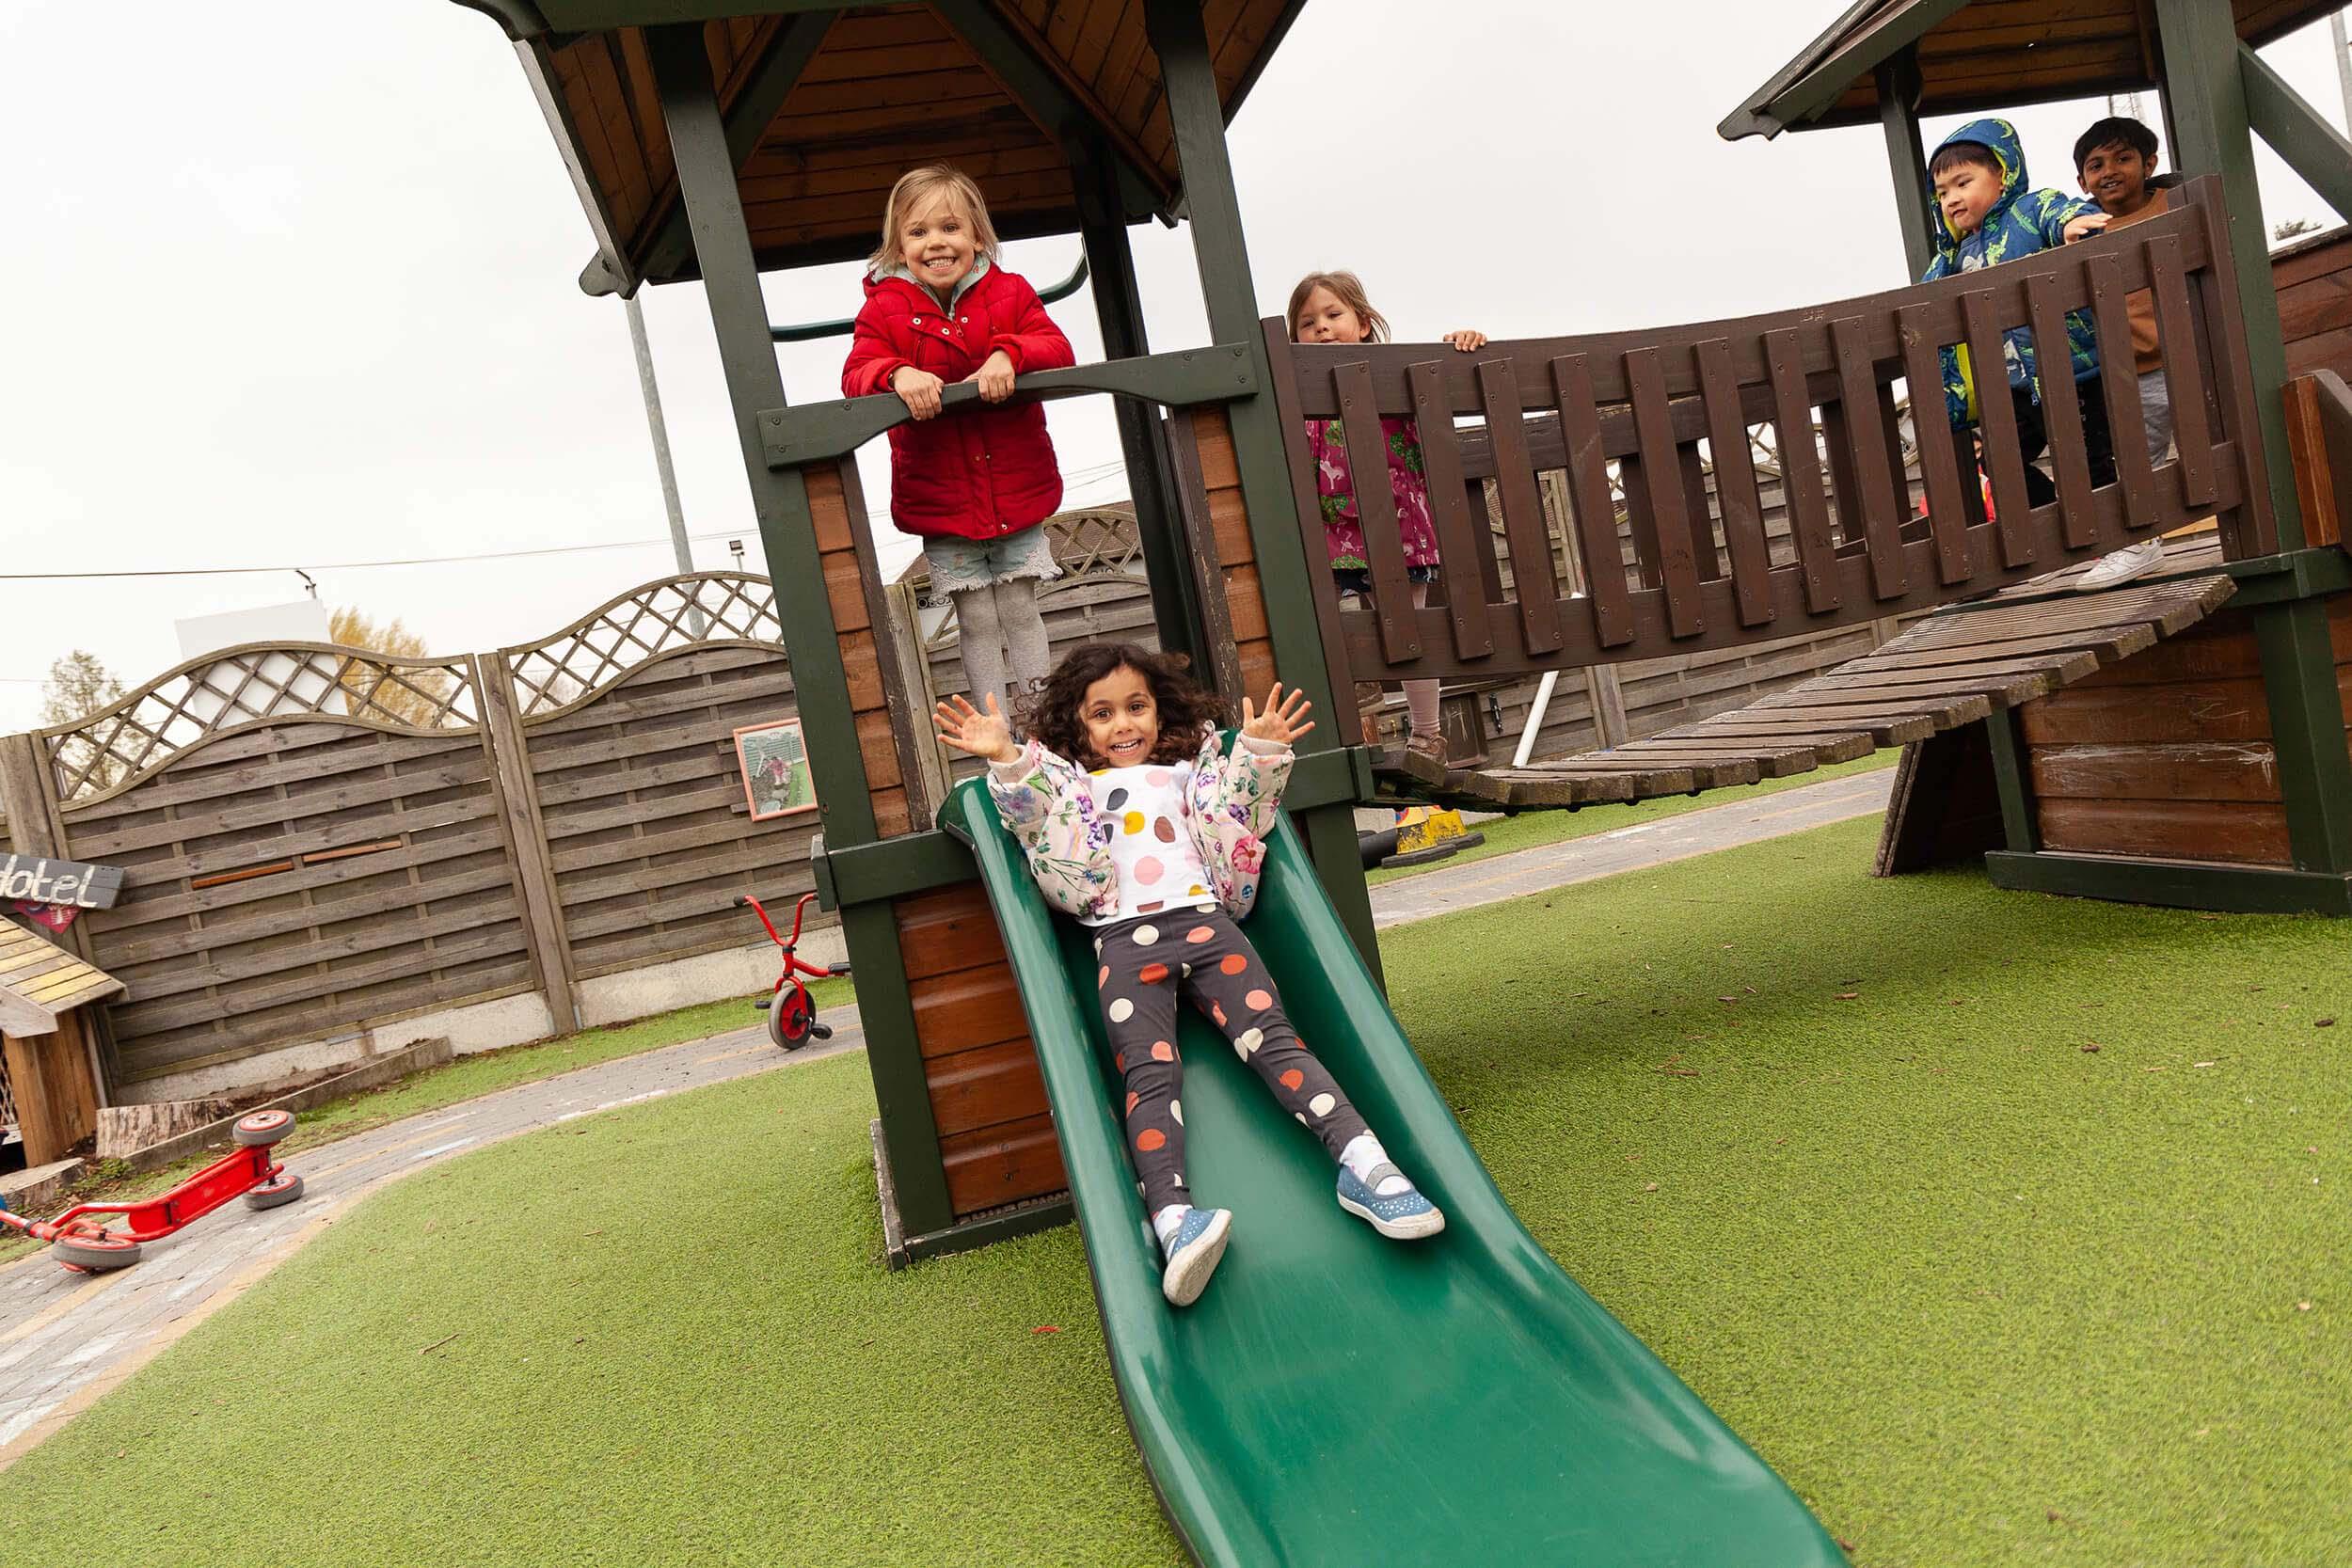 Kids playing on climbing frame